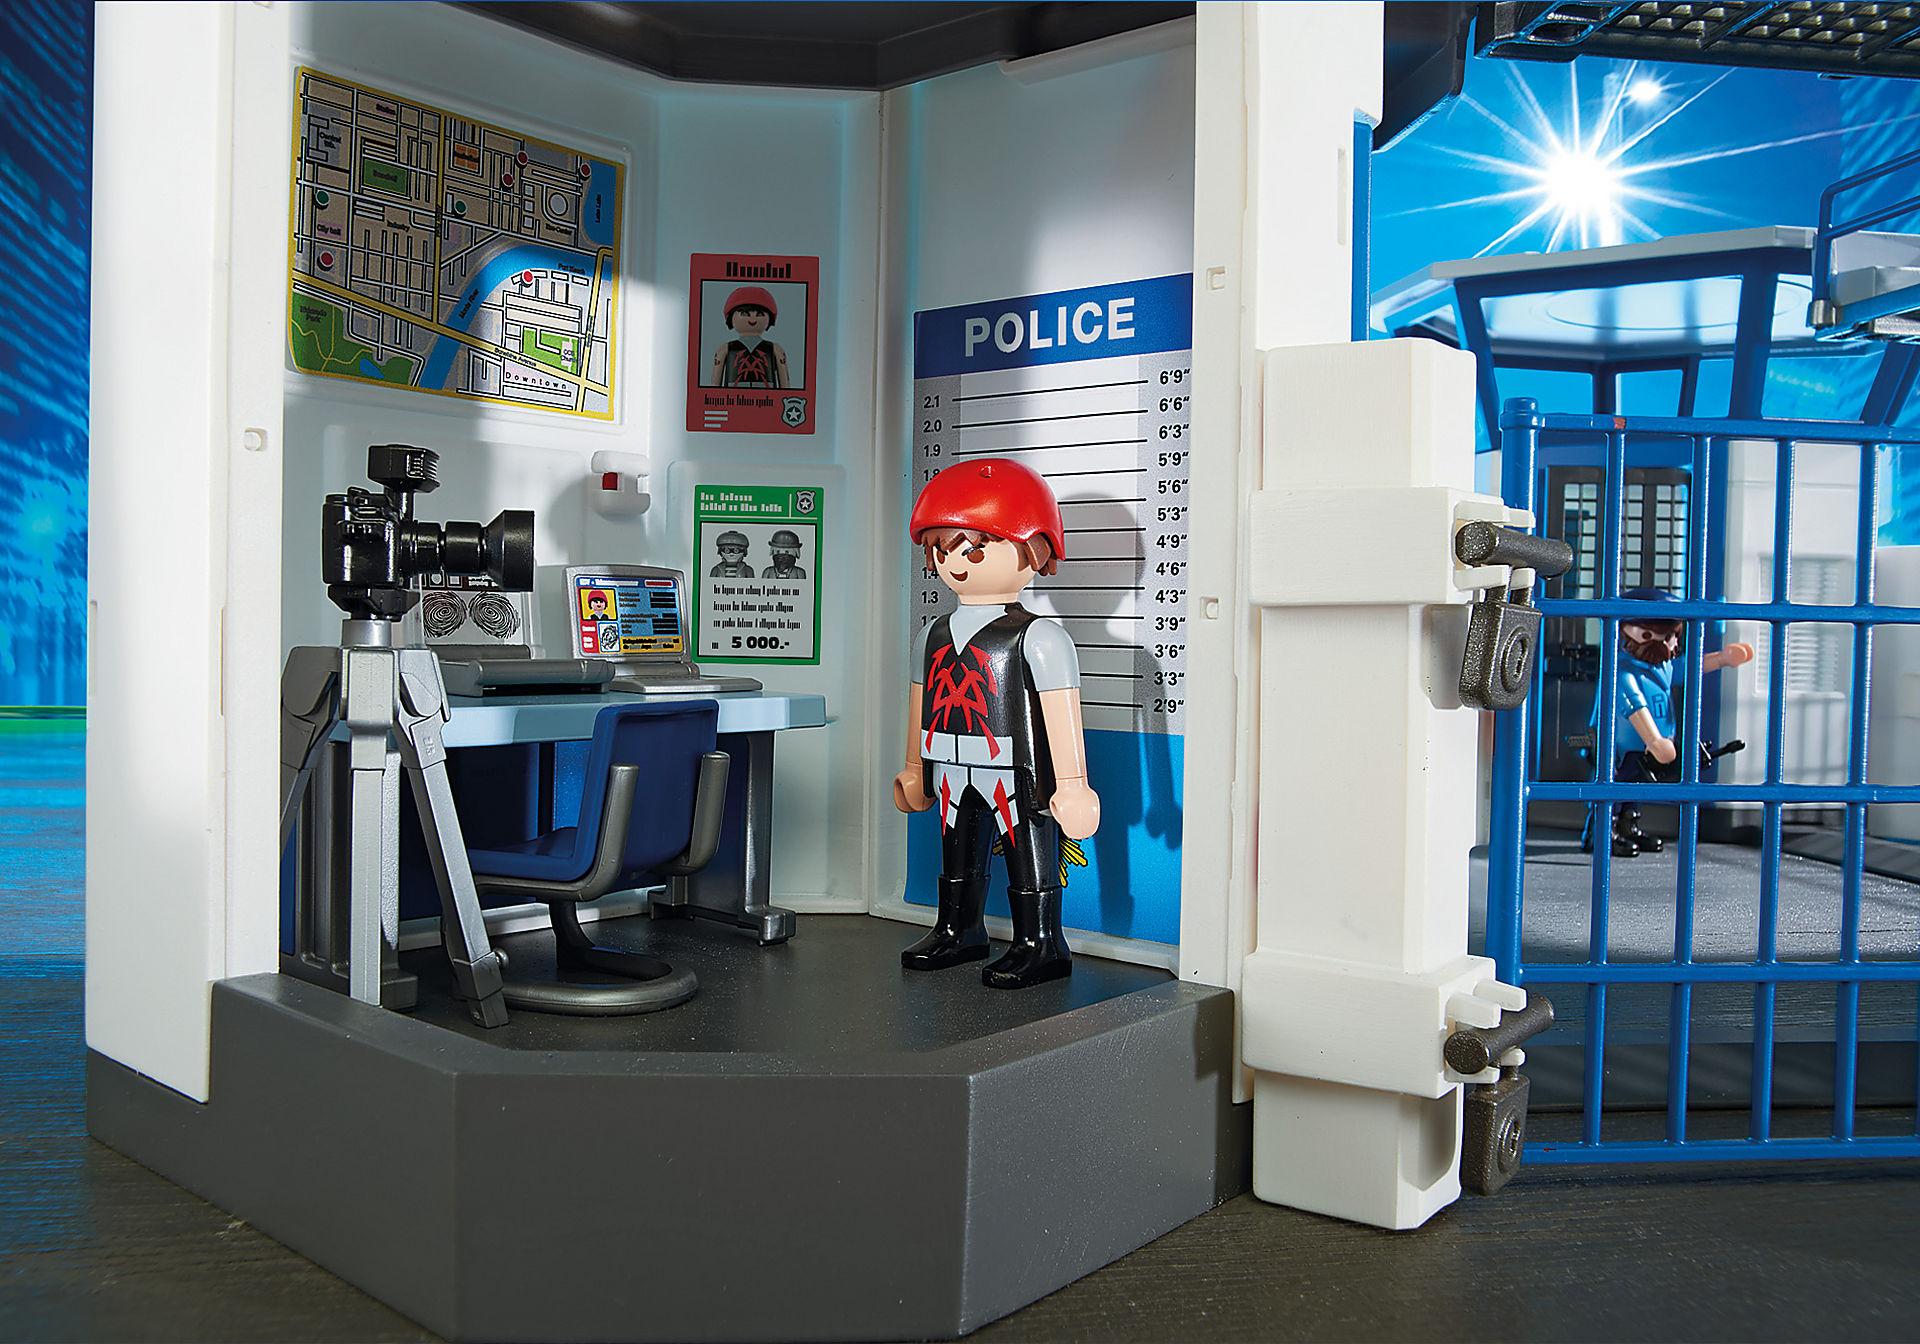 6919 Stazione della polizia con prigione zoom image5